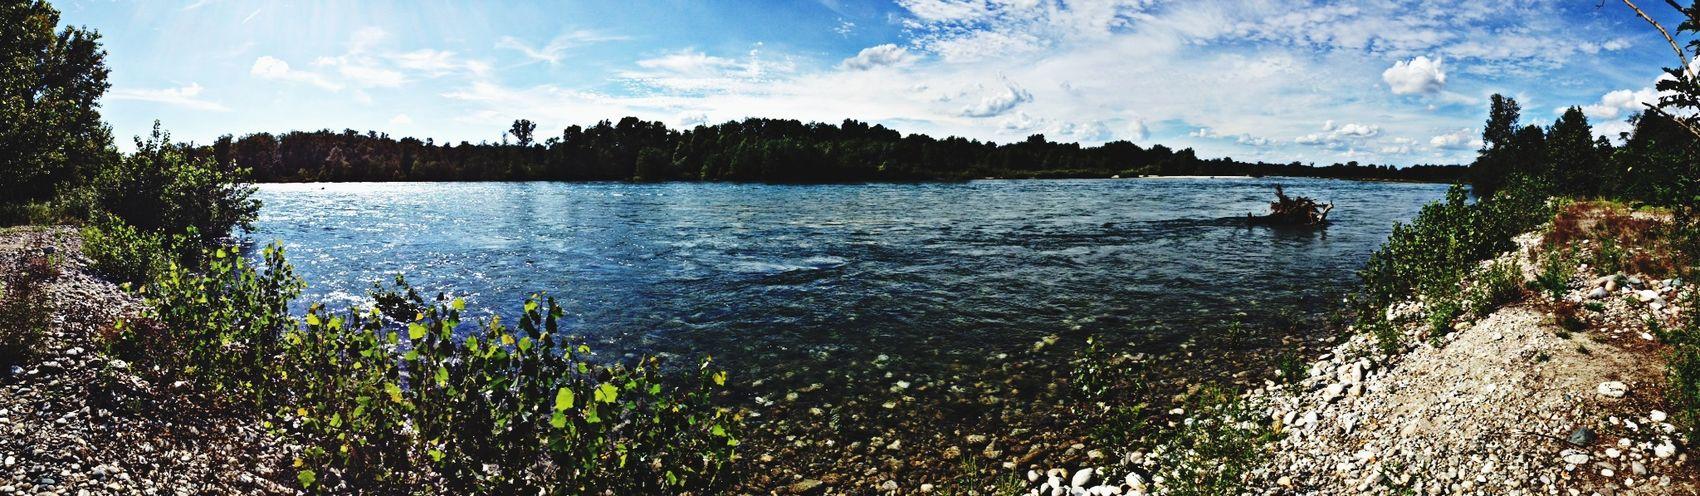 Day Photo Love Landscape